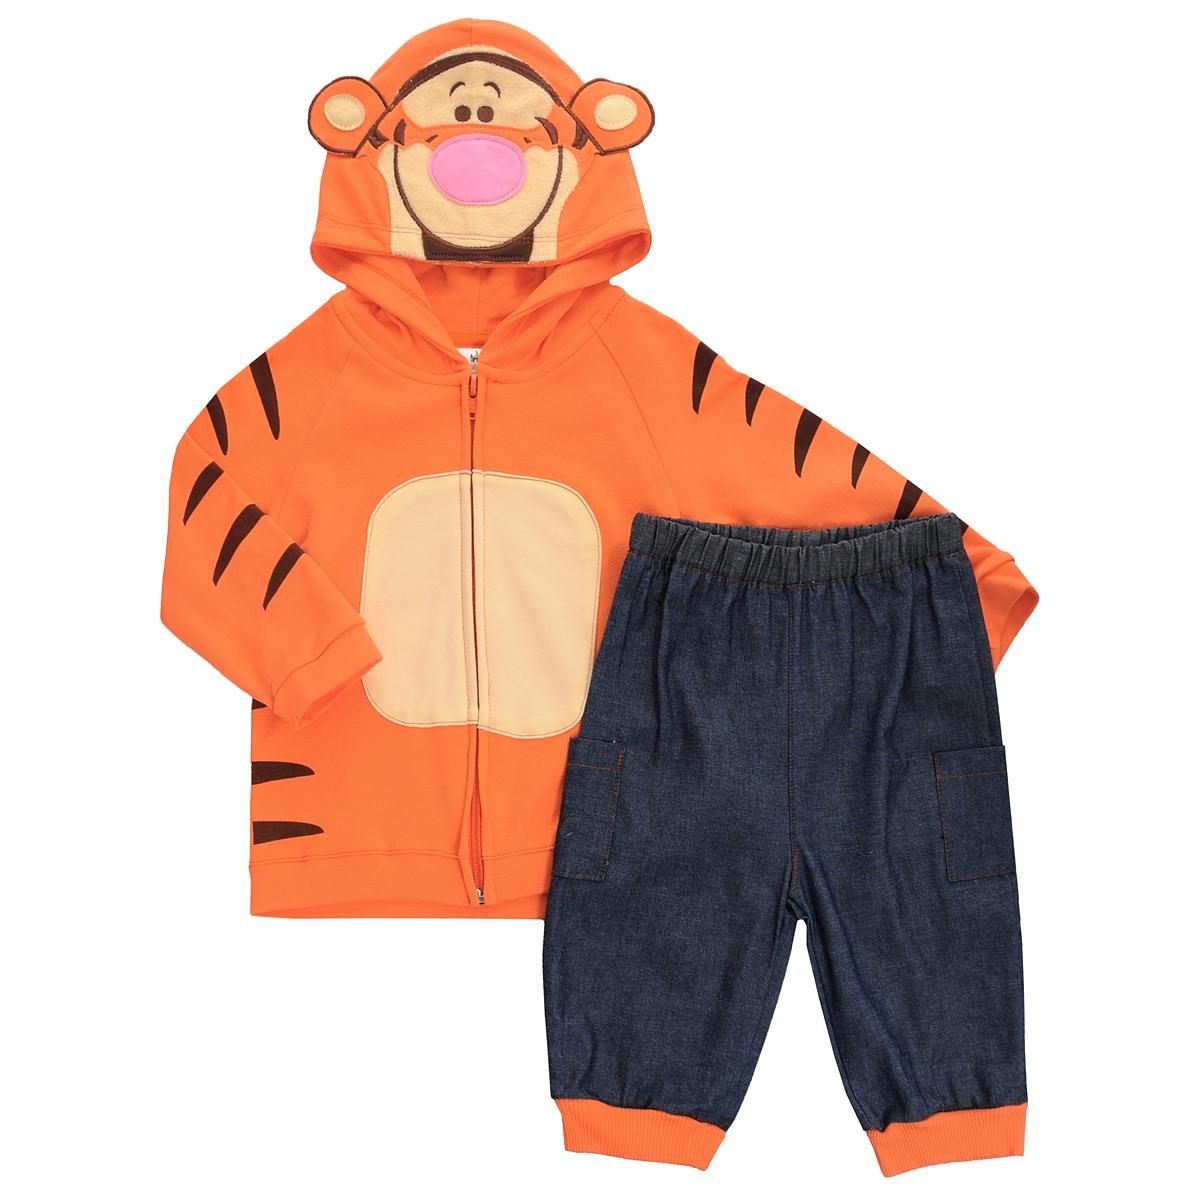 Комплект для мальчика Disney Baby Тигр: толстовка, штанишки, цвет: оранжевый, серо-синий. WPH620-056. Возраст 18 месяцевWPH620-056Комплект для мальчика Disney Baby Тигр, состоящий из толстовки и штанишек, идеально подойдет вашему малышу. Изготовленный из натурального хлопка, он необычайно мягкий и приятный на ощупь, не сковывает движения малыша и позволяет коже дышать, не раздражает даже самую нежную и чувствительную кожу ребенка, обеспечивая ему наибольший комфорт. Толстовка с капюшоном и длинными рукавами-реглан застегивается на пластиковую застежку-молнию. Рукава с широкими эластичными манжетами не стягивают запястья, а широкая мягкая резинка понизу предотвращает проникновение холодного воздуха. Спереди толстовка дополнена контрастными текстильными вставками, а капюшон оформлен аппликацией в виде мордочки Тигра - персонажа мультфильма Винни-Пух и его друзья и украшен декоративными ушками. Штанишки прямого покроя на талии имеют мягкую эластичную резинку, благодаря чему они не сдавливают животик малыша и не сползают. Низ брючин дополнен широкими эластичными манжетами. По бокам изделие дополнено двумя накладными кармашками. Оригинальный дизайн и яркая расцветка делают этот комплект незаменимым предметом детского гардероба. В нем ваш ребенок всегда будет в центре внимания!